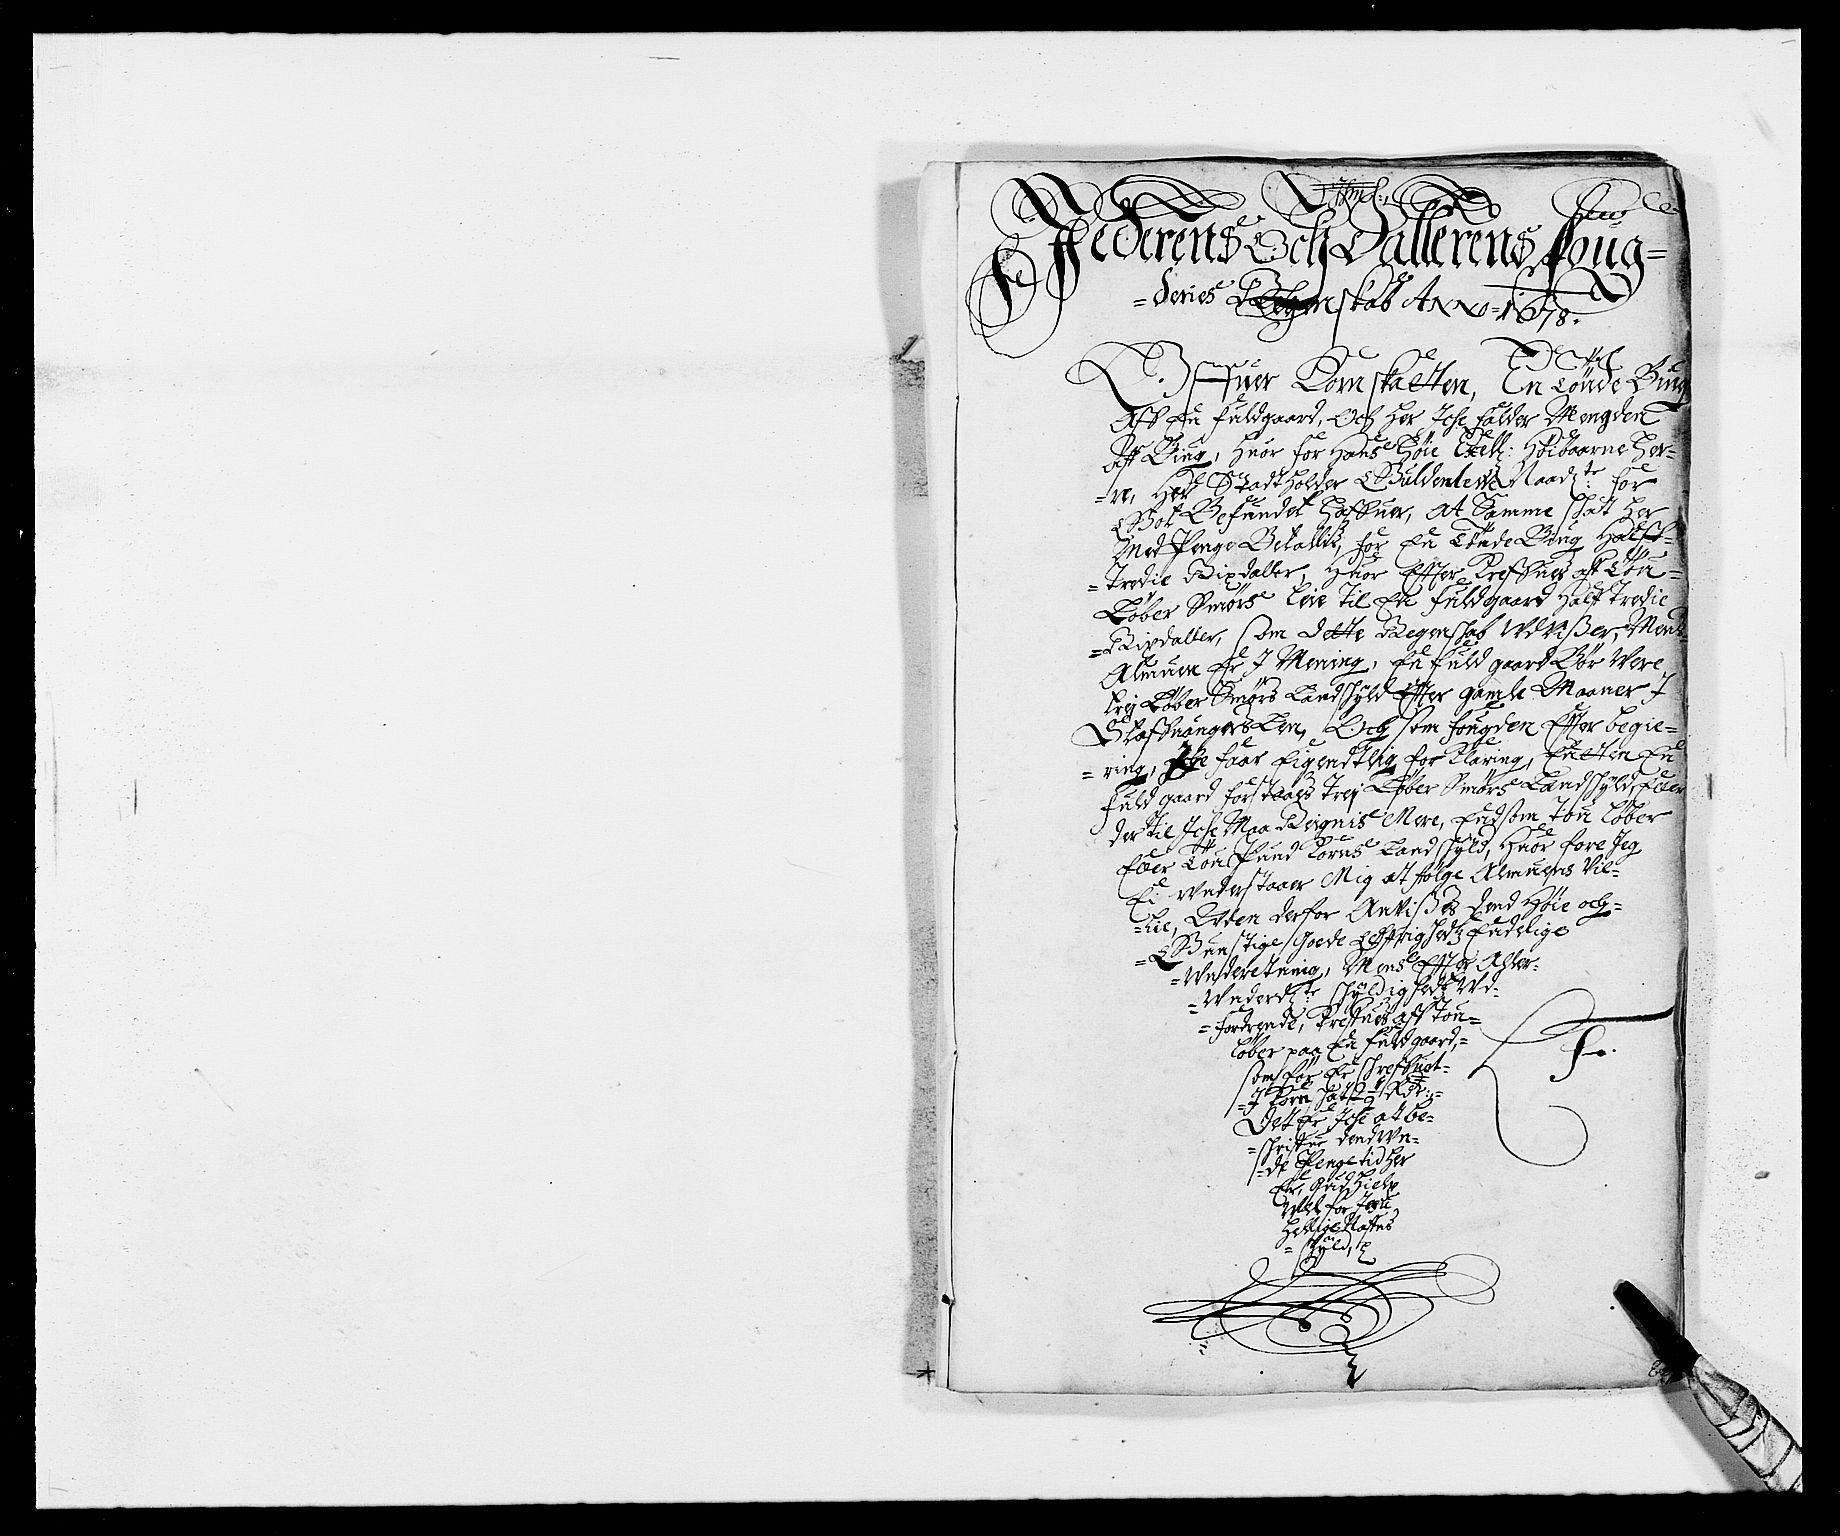 RA, Rentekammeret inntil 1814, Reviderte regnskaper, Fogderegnskap, R46/L2718: Fogderegnskap Jæren og Dalane, 1678, s. 169